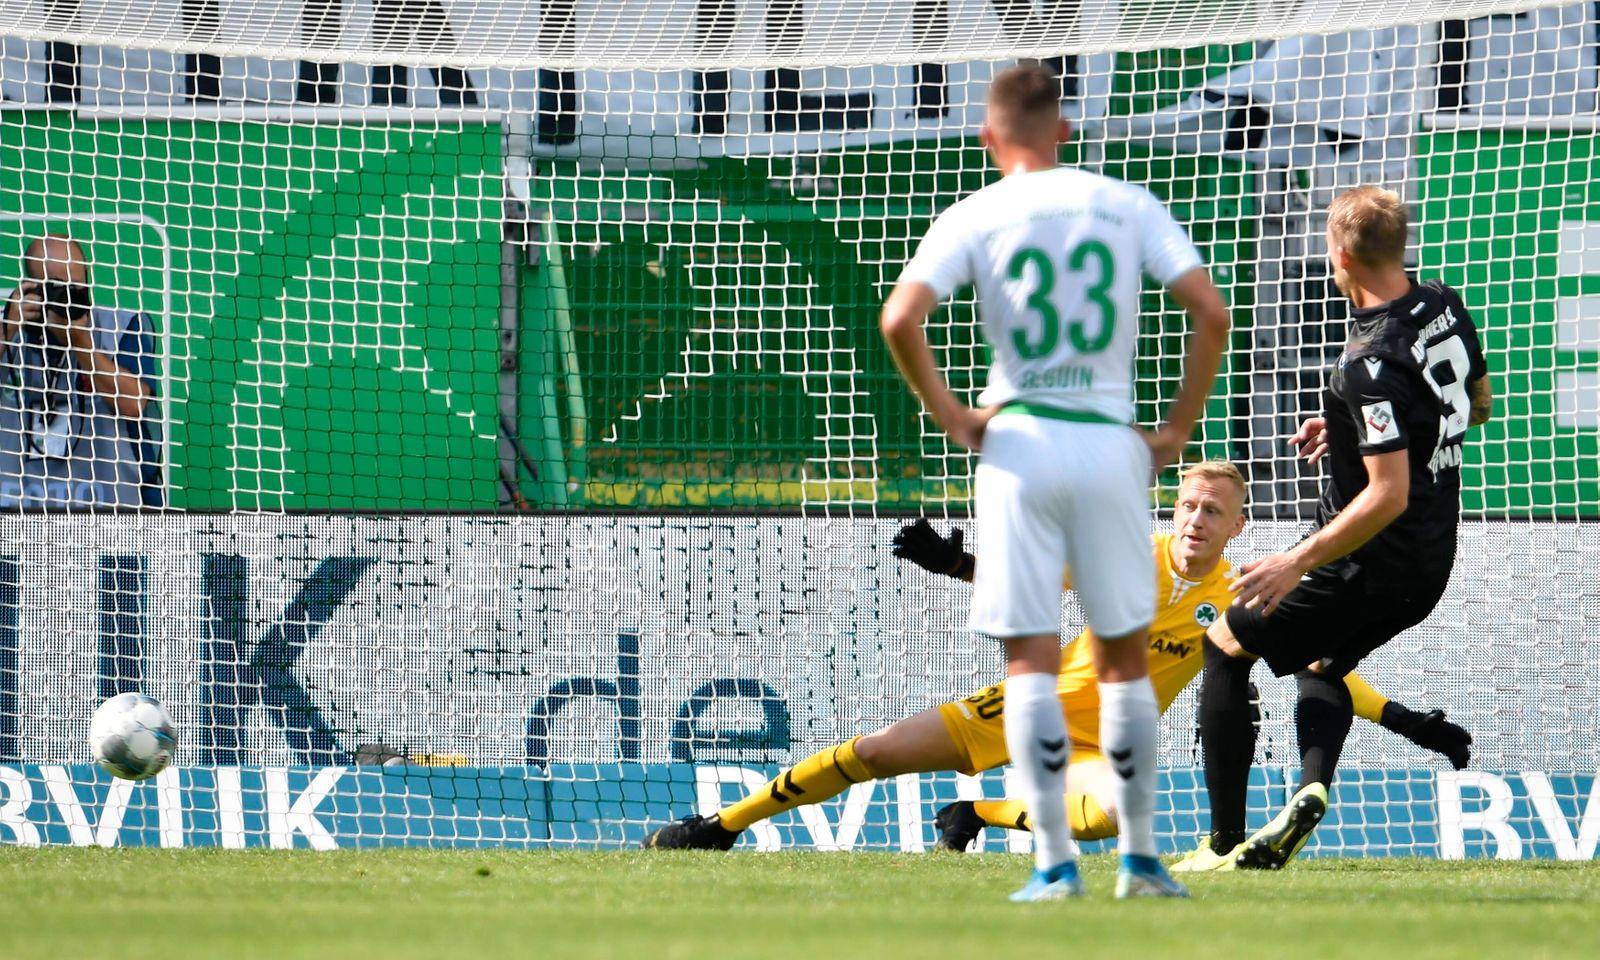 28.06.2020 - Fussball - Saison 2019 2020 - 2. Fussball - Bundesliga - 34. Spieltag: SpVgg Greuther Fürth ( Kleeblatt )